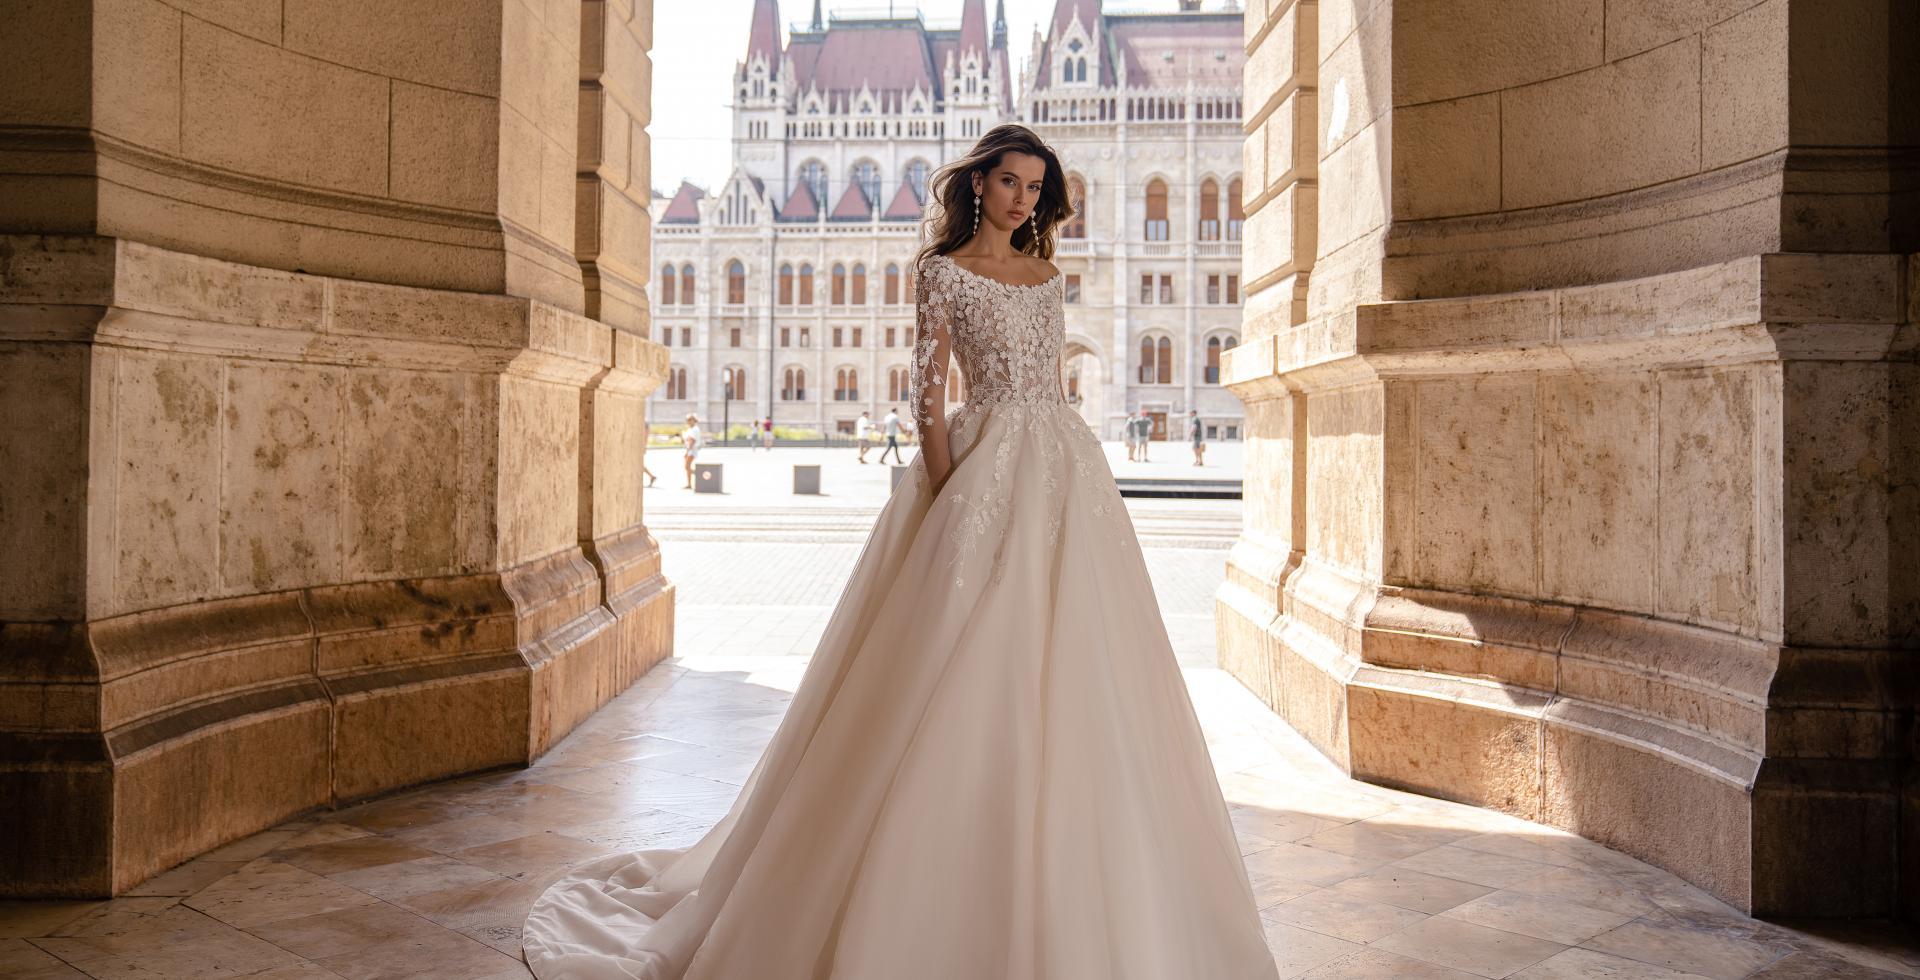 Свадебный салон в центре Киева - The Bride